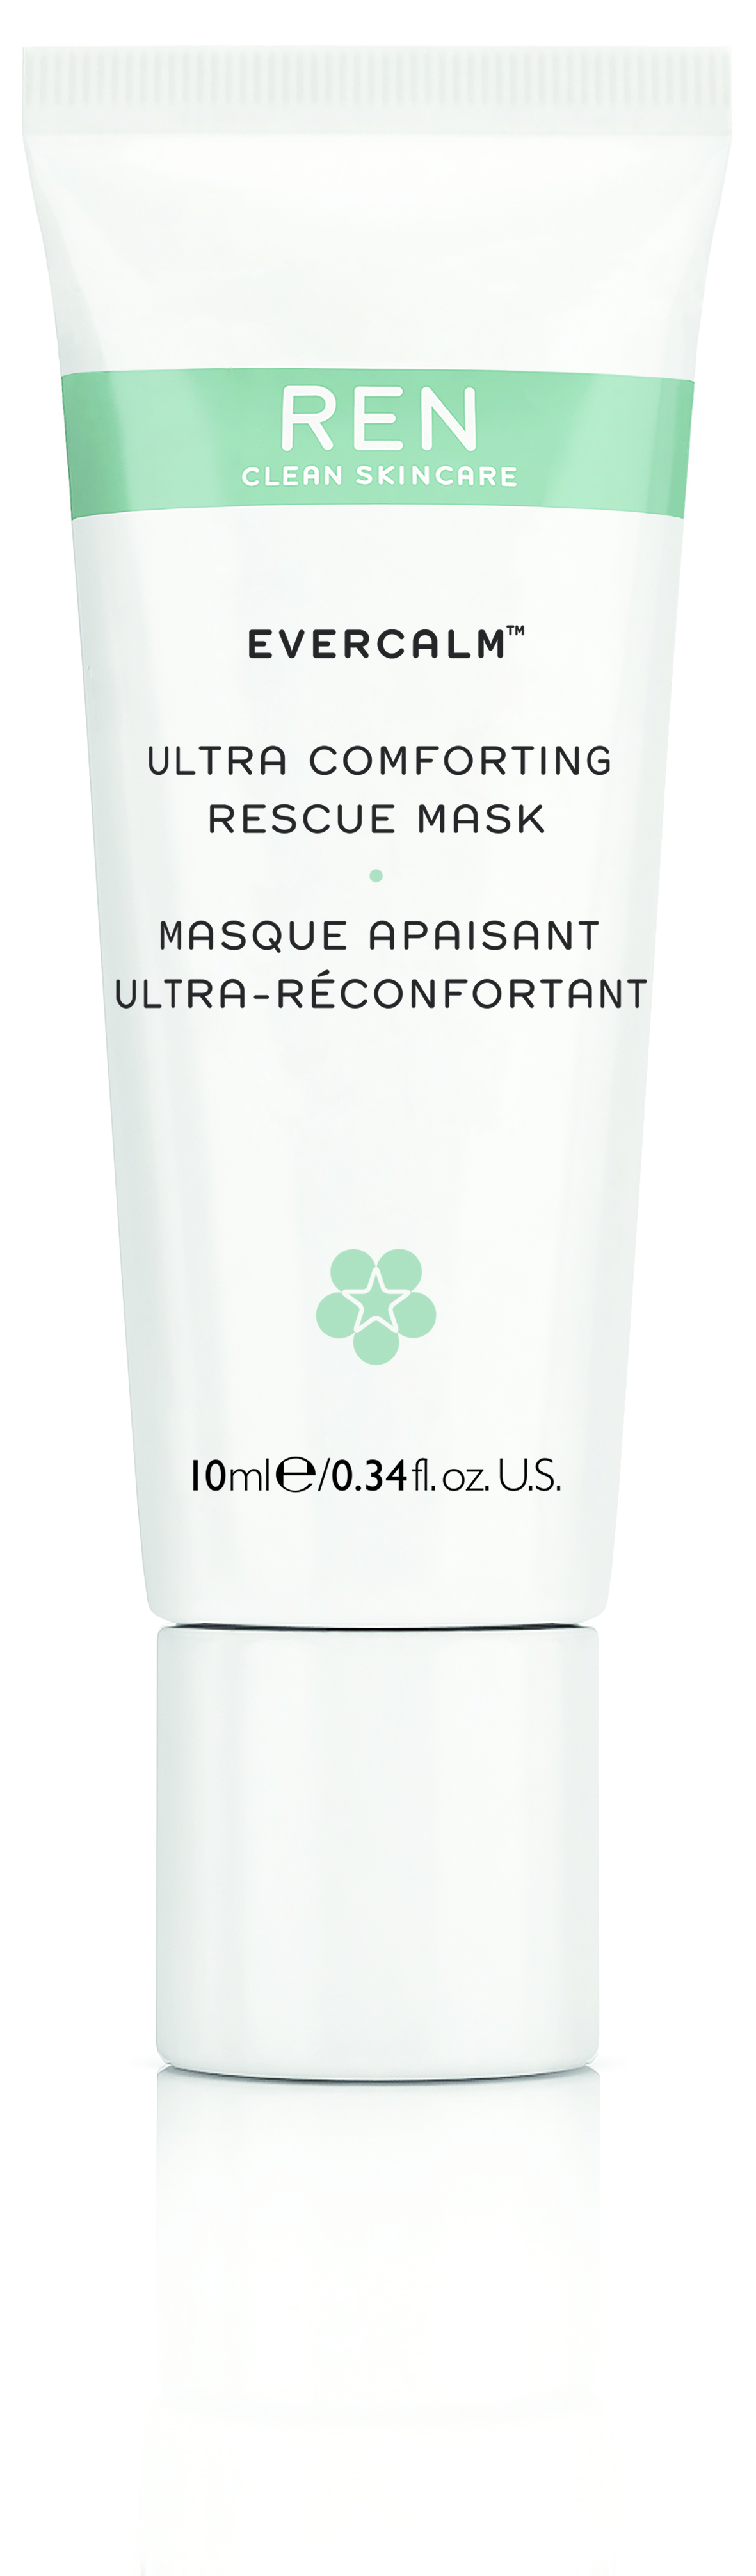 Masque Peaux Sensibles Evercalm REN en format voyage 10ML